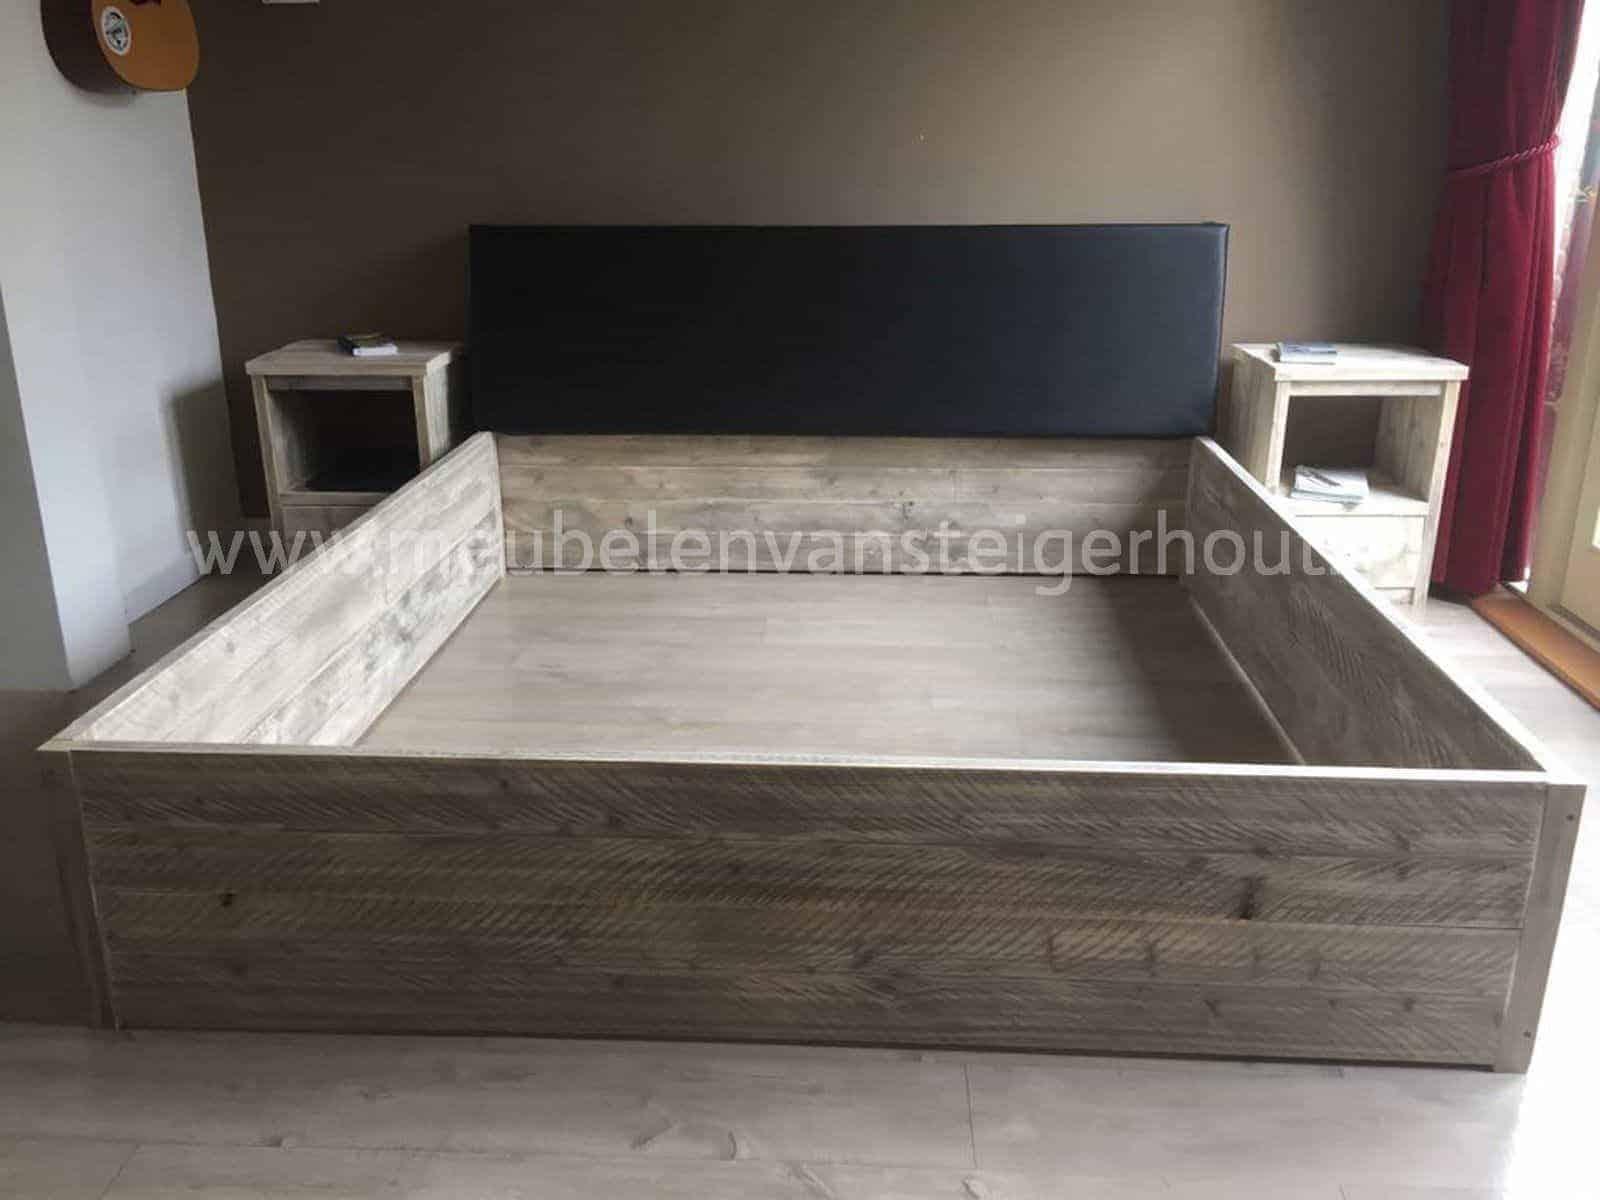 New Bed steigerhout met verhoogd hoofdeinde | Meubelen van Steigerhout &QR55